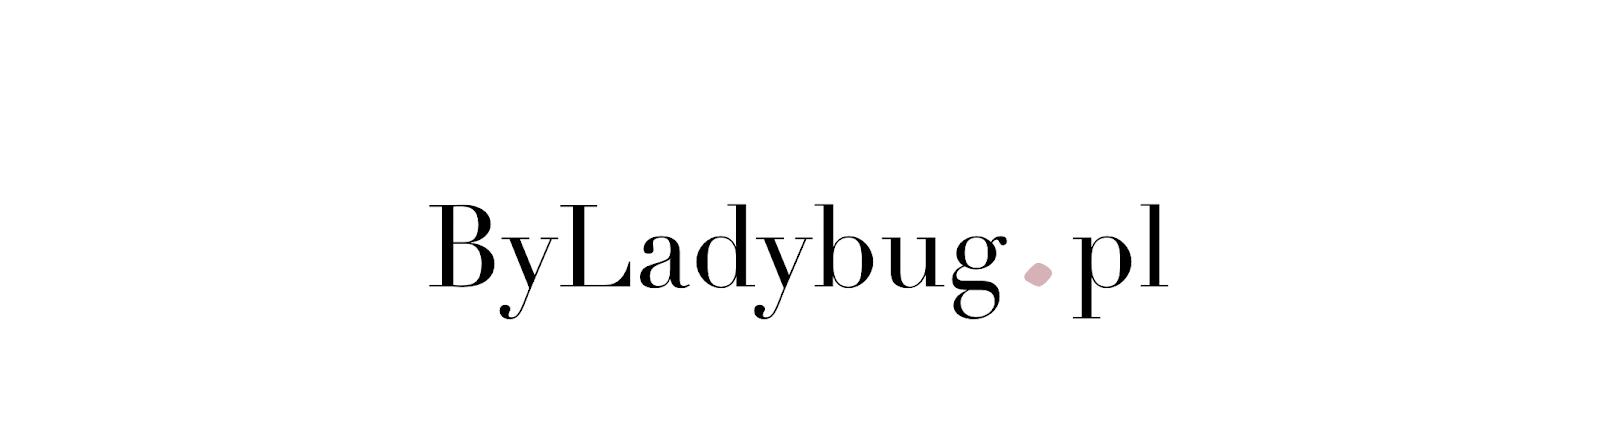 ByLadybug